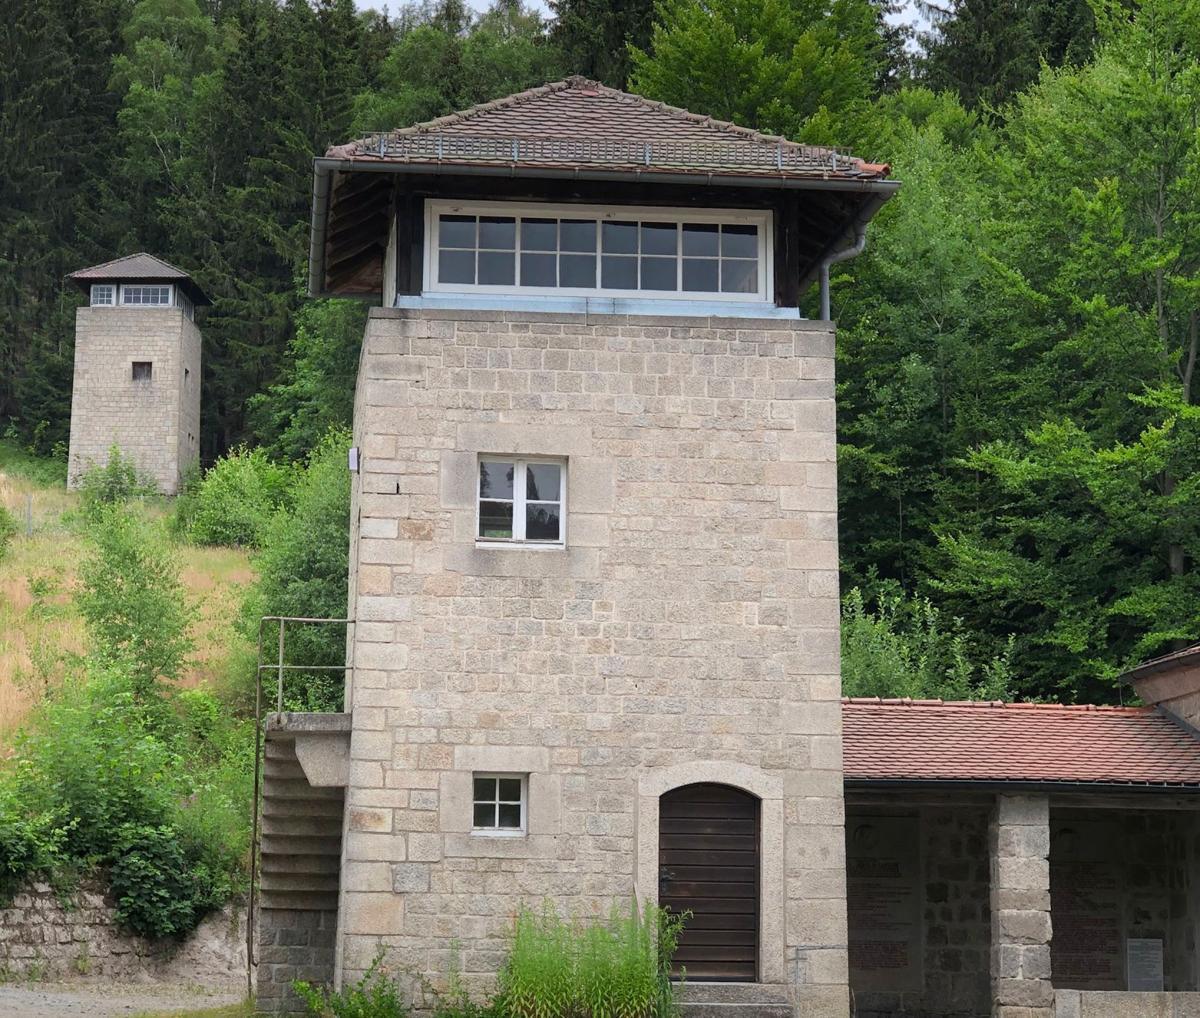 081419_MNS_Schancupp_Holocaust_002 Flossenberg